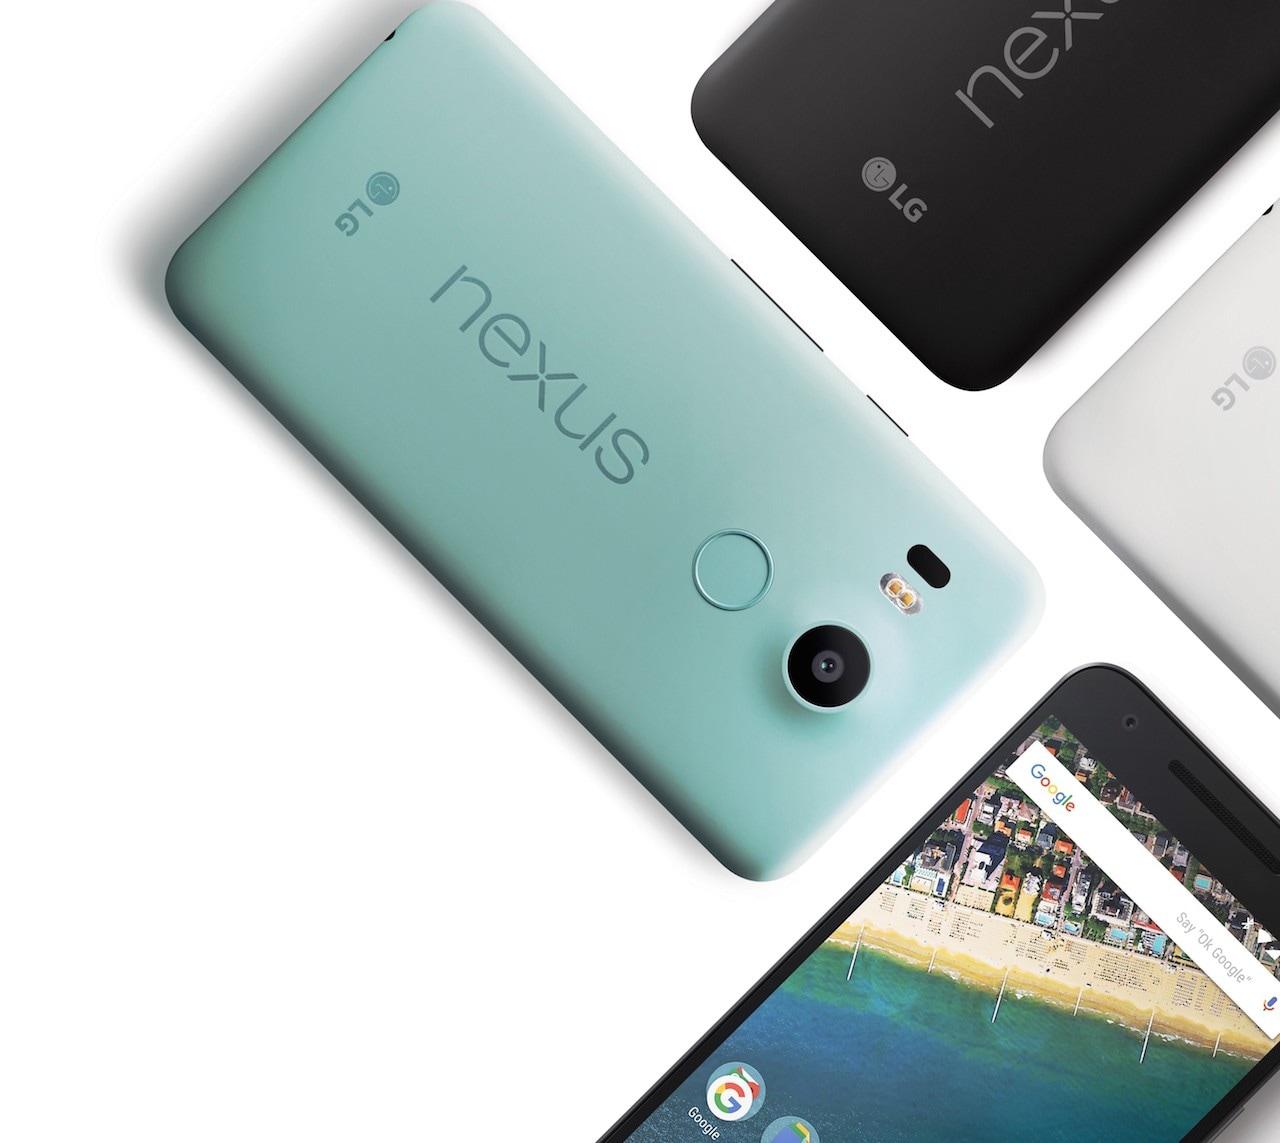 LG_Nexus 5X